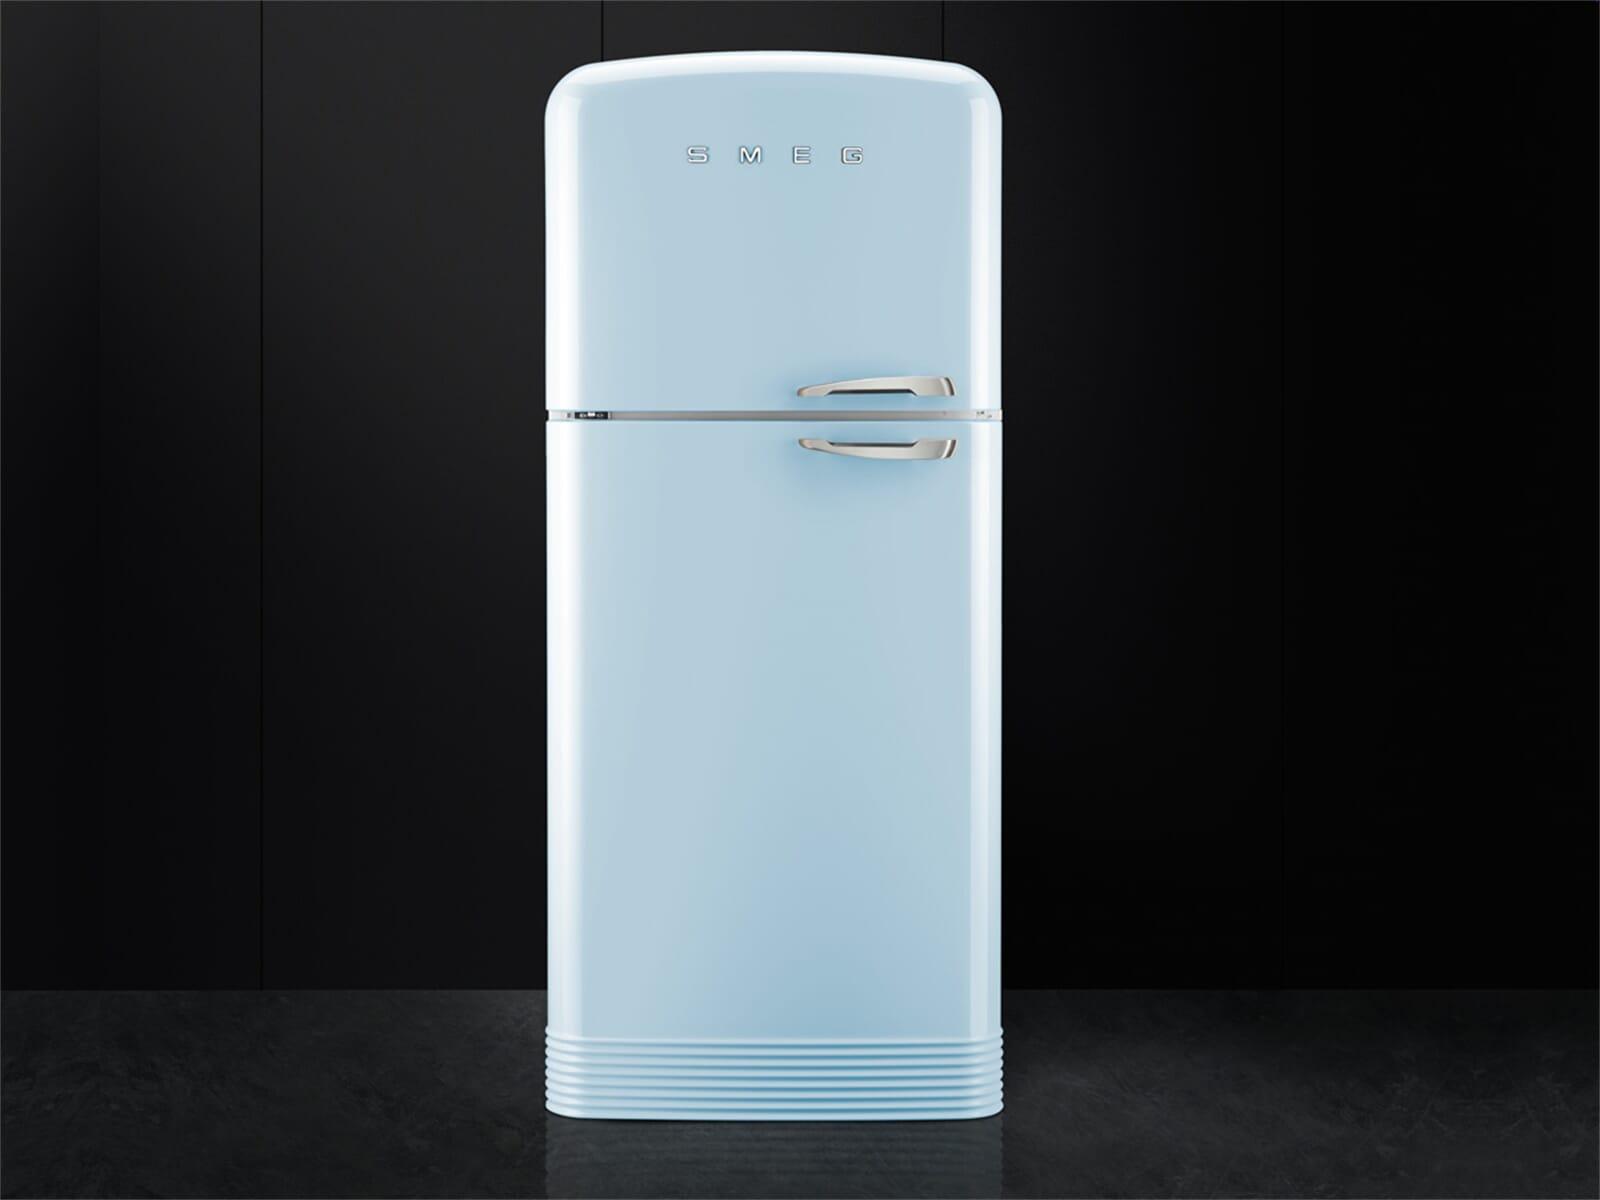 Kühlschrank Farbig Retro : Pinker kühlschrank gewürze richtig aufbewahren ehrenwort